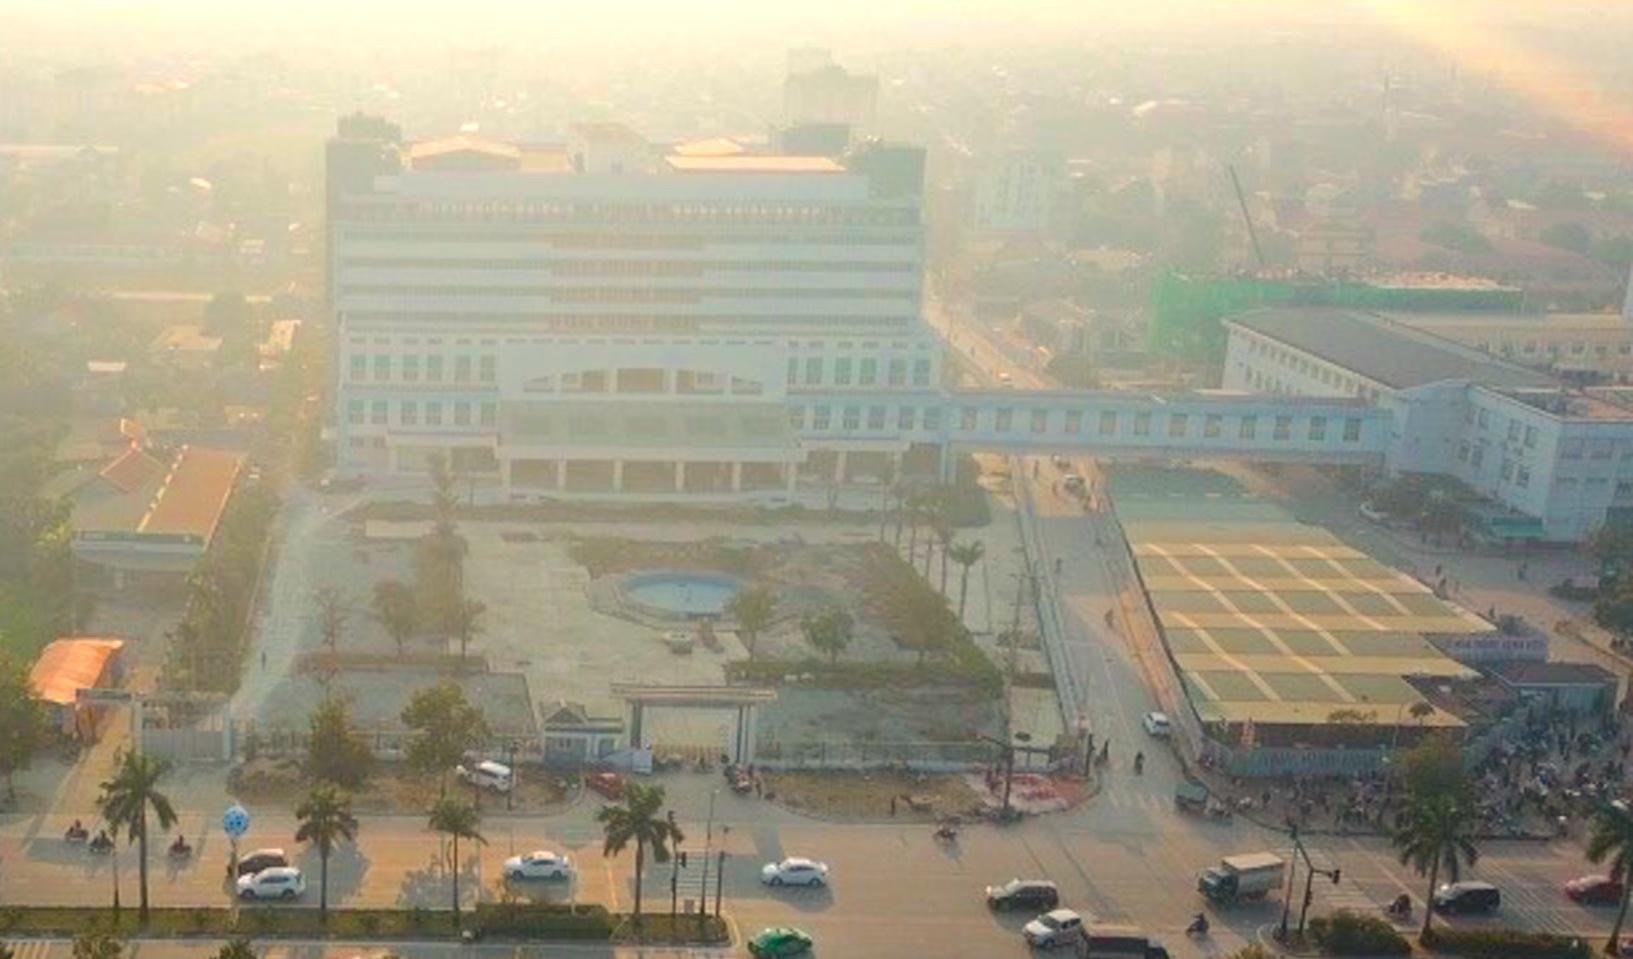 Cảnh nhếch nhác, cỏ mọc um tùm trong dự án bệnh viện nghìn tỷ lớn nhất Bắc Trung Bộ - Ảnh 1.